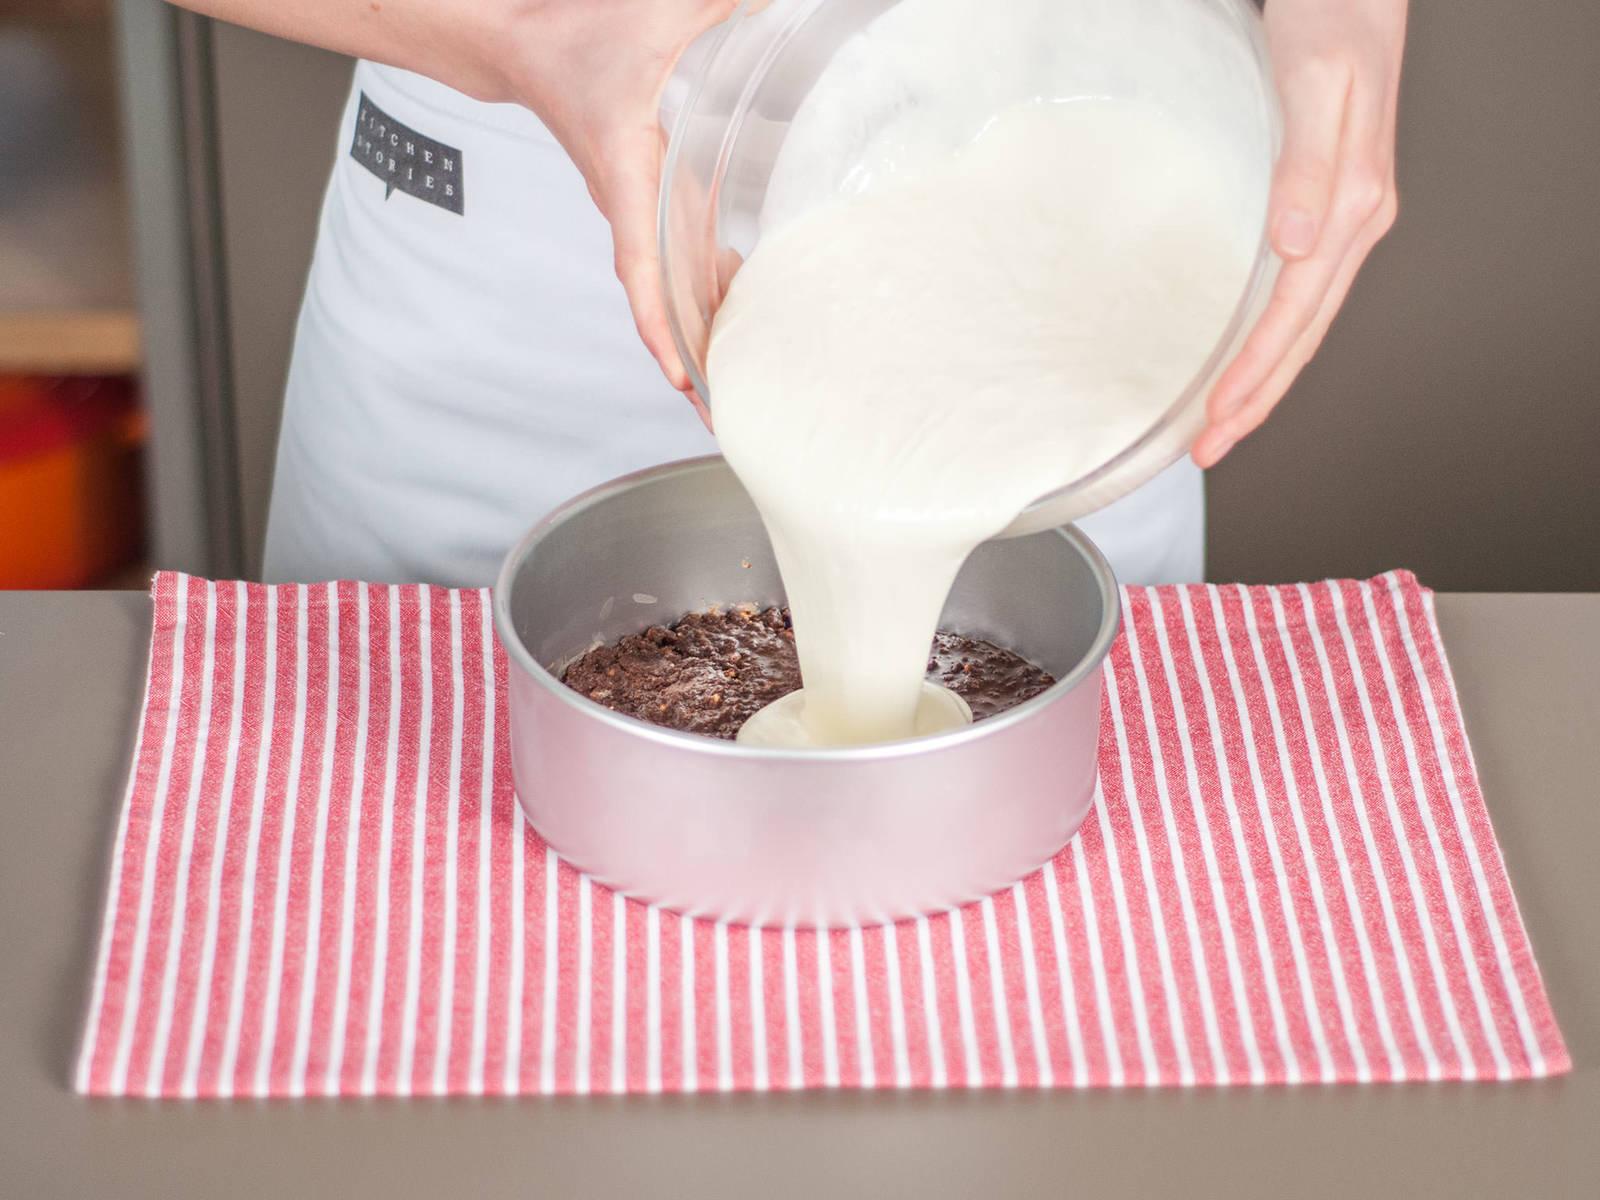 Créme in eine runde Backform füllen. Leicht auf die Arbeitsfläche klopfen um Luftbläschen zu lösen. In den Kühlschrank stellen und für ca. 3 h fest werden lassen.